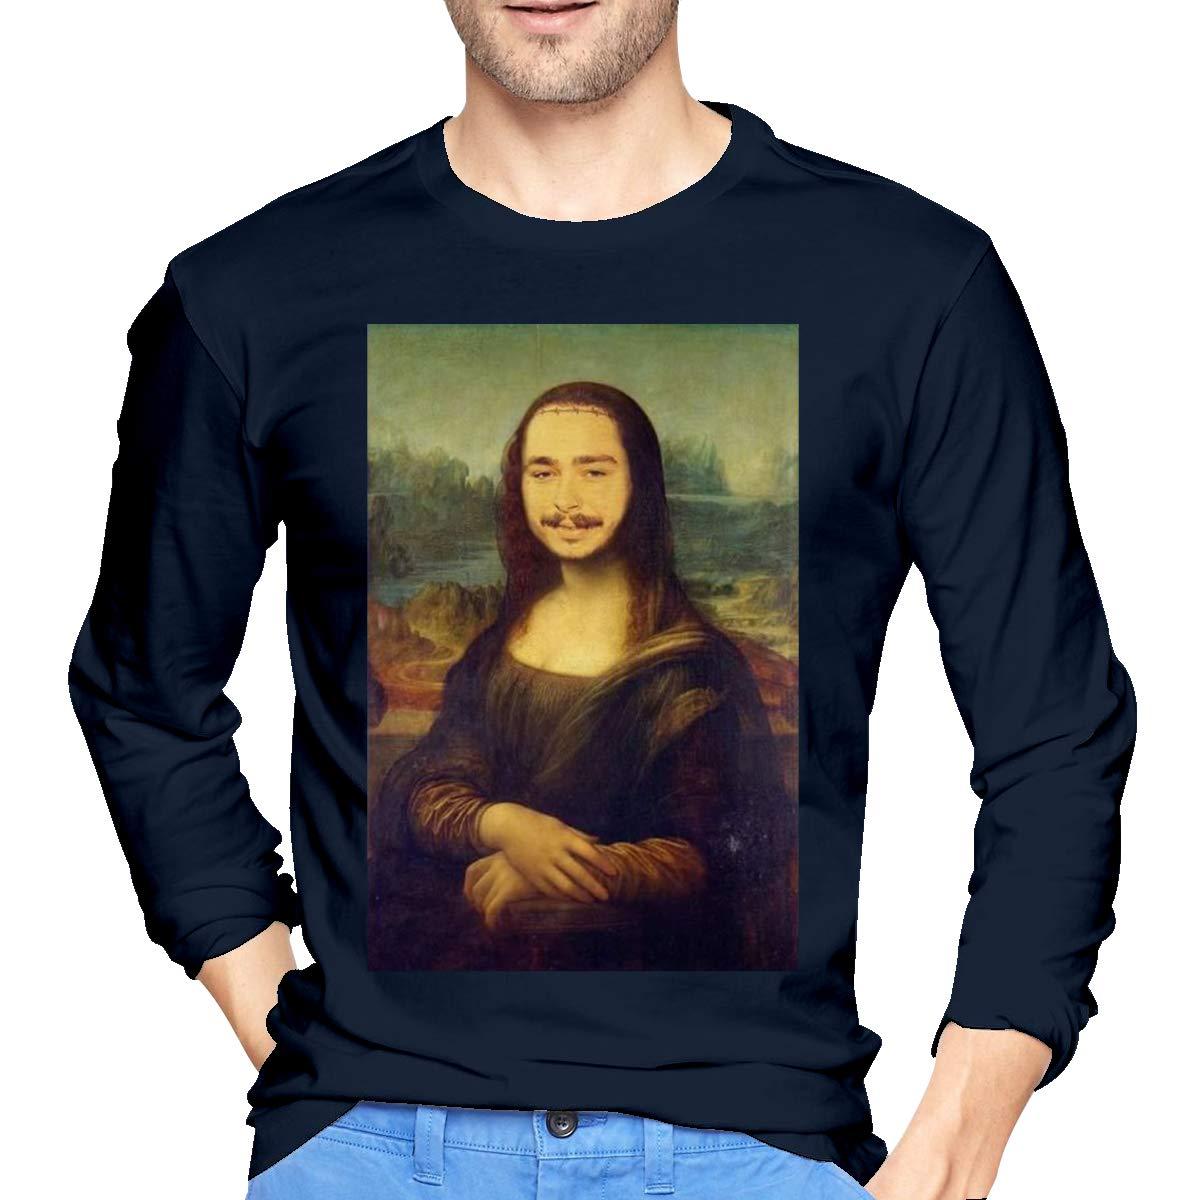 Post Malone Fashionable Music Band S T Shirts